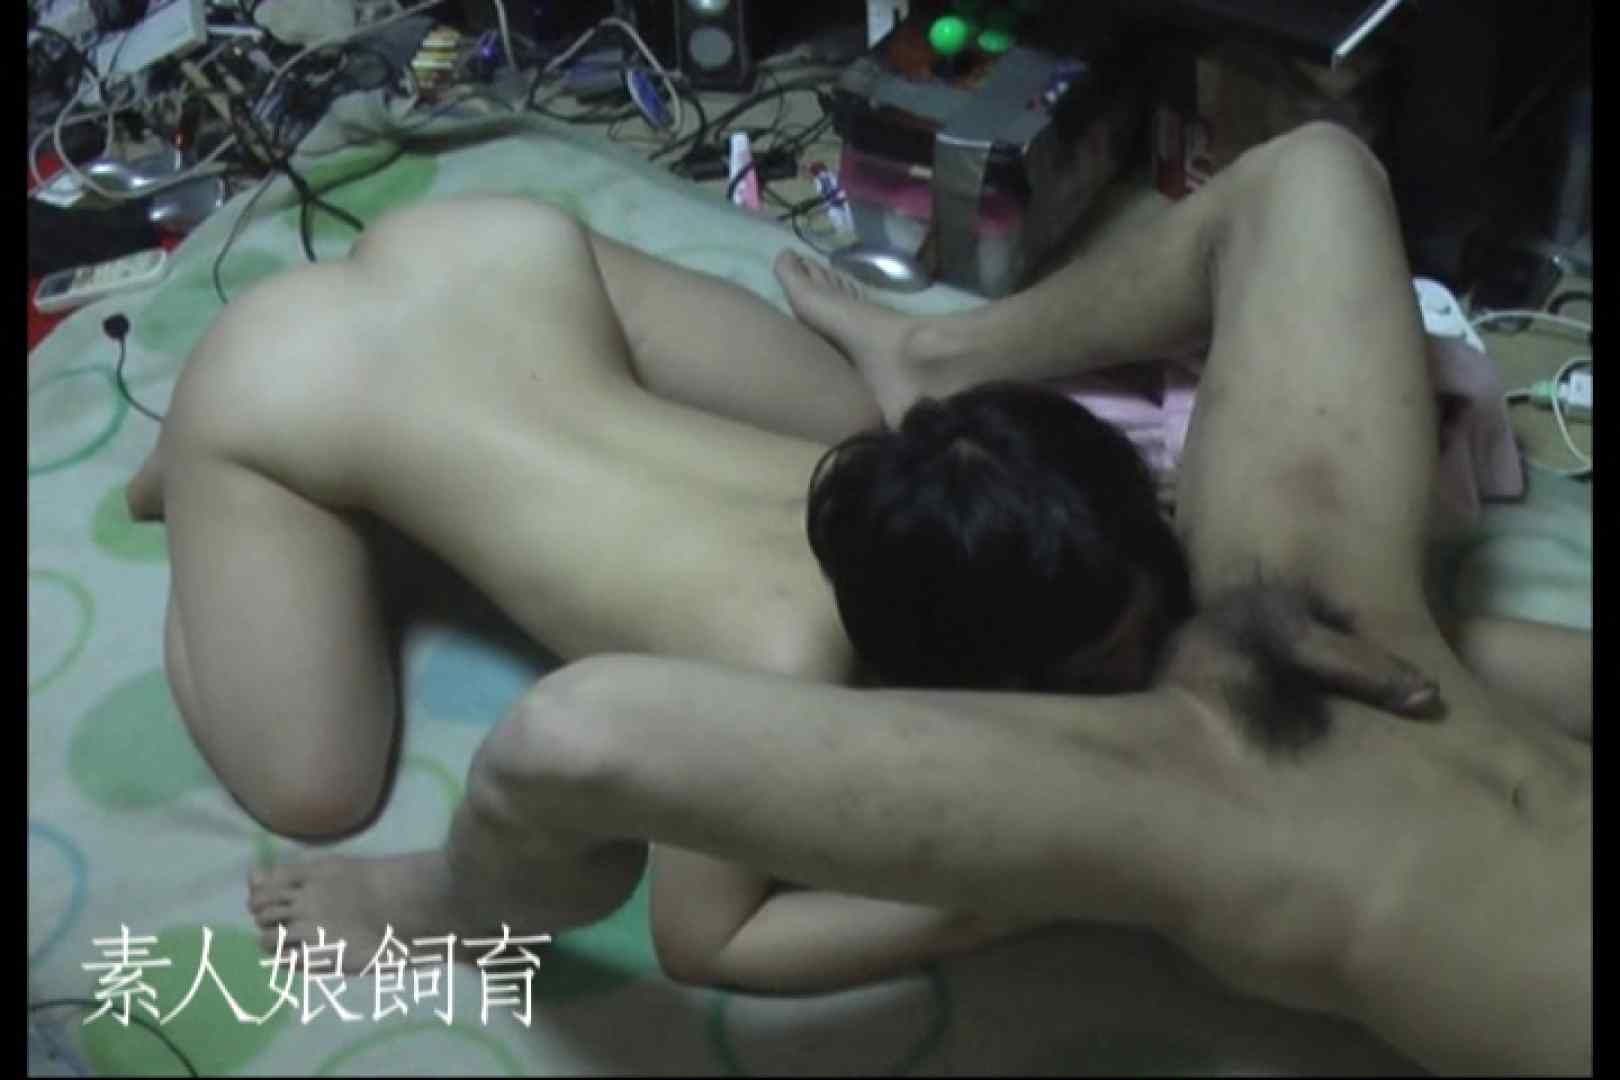 無料アダルト動画:素人娘飼育~お前の餌は他人棒~フェラ&アナル舐め最後は中出し:大奥